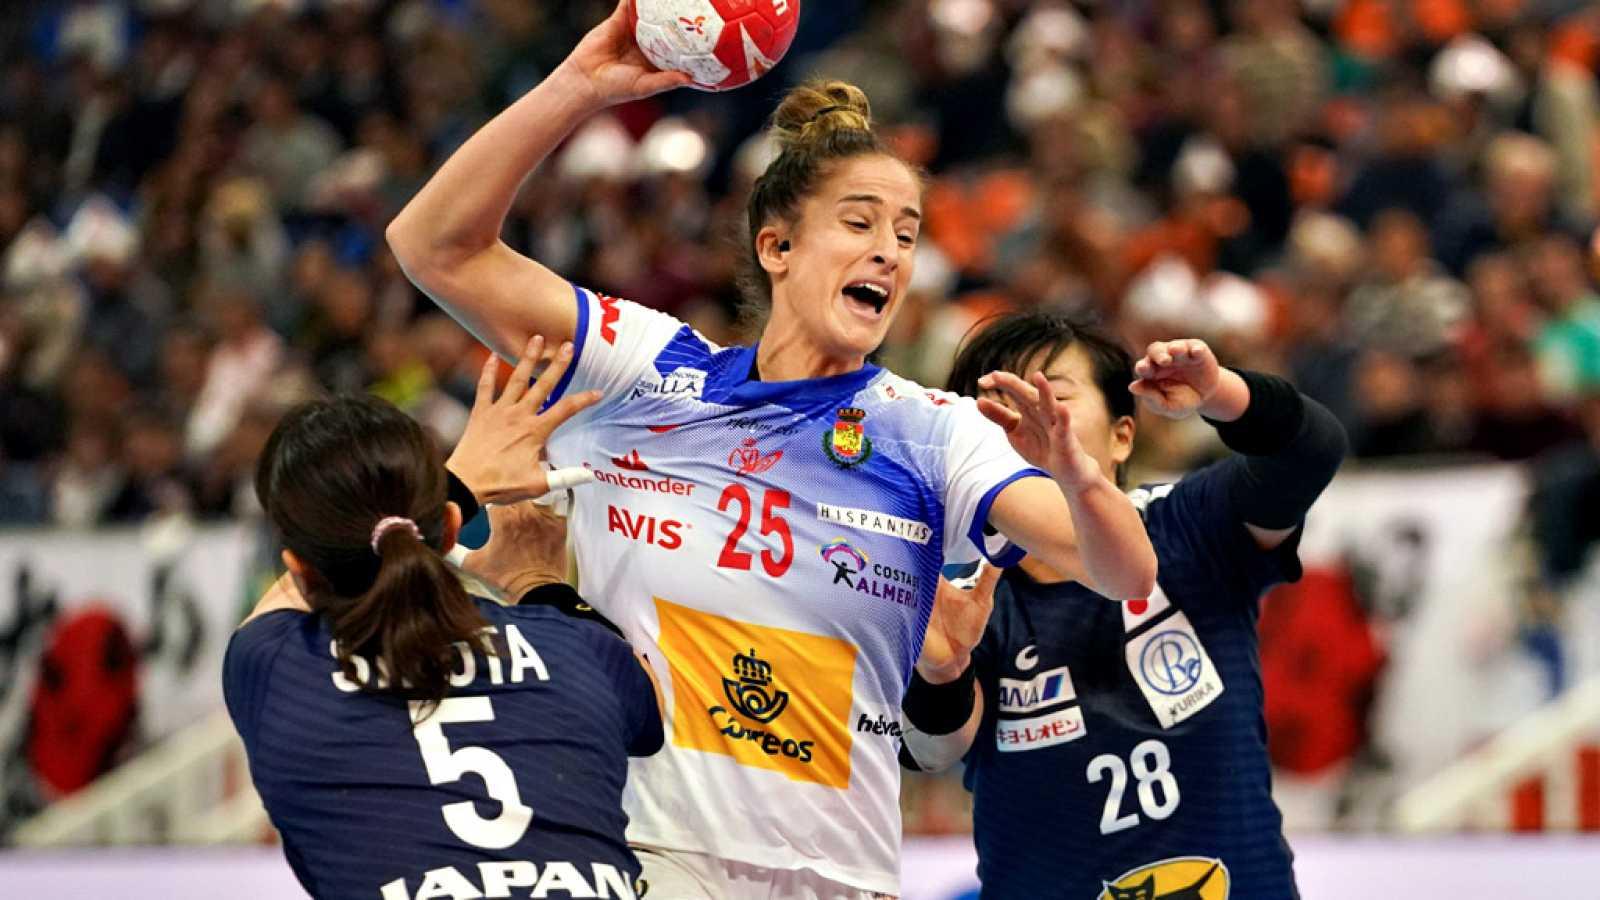 La selección española femenina de balonmano selló su clasificación para los torneos preolímpicos, el objetivo con el que arrancó el Mundial, y se jugará mañana ante Rusia el pase a las semifinales, tras imponerse este martes por 31-33 A Japón.